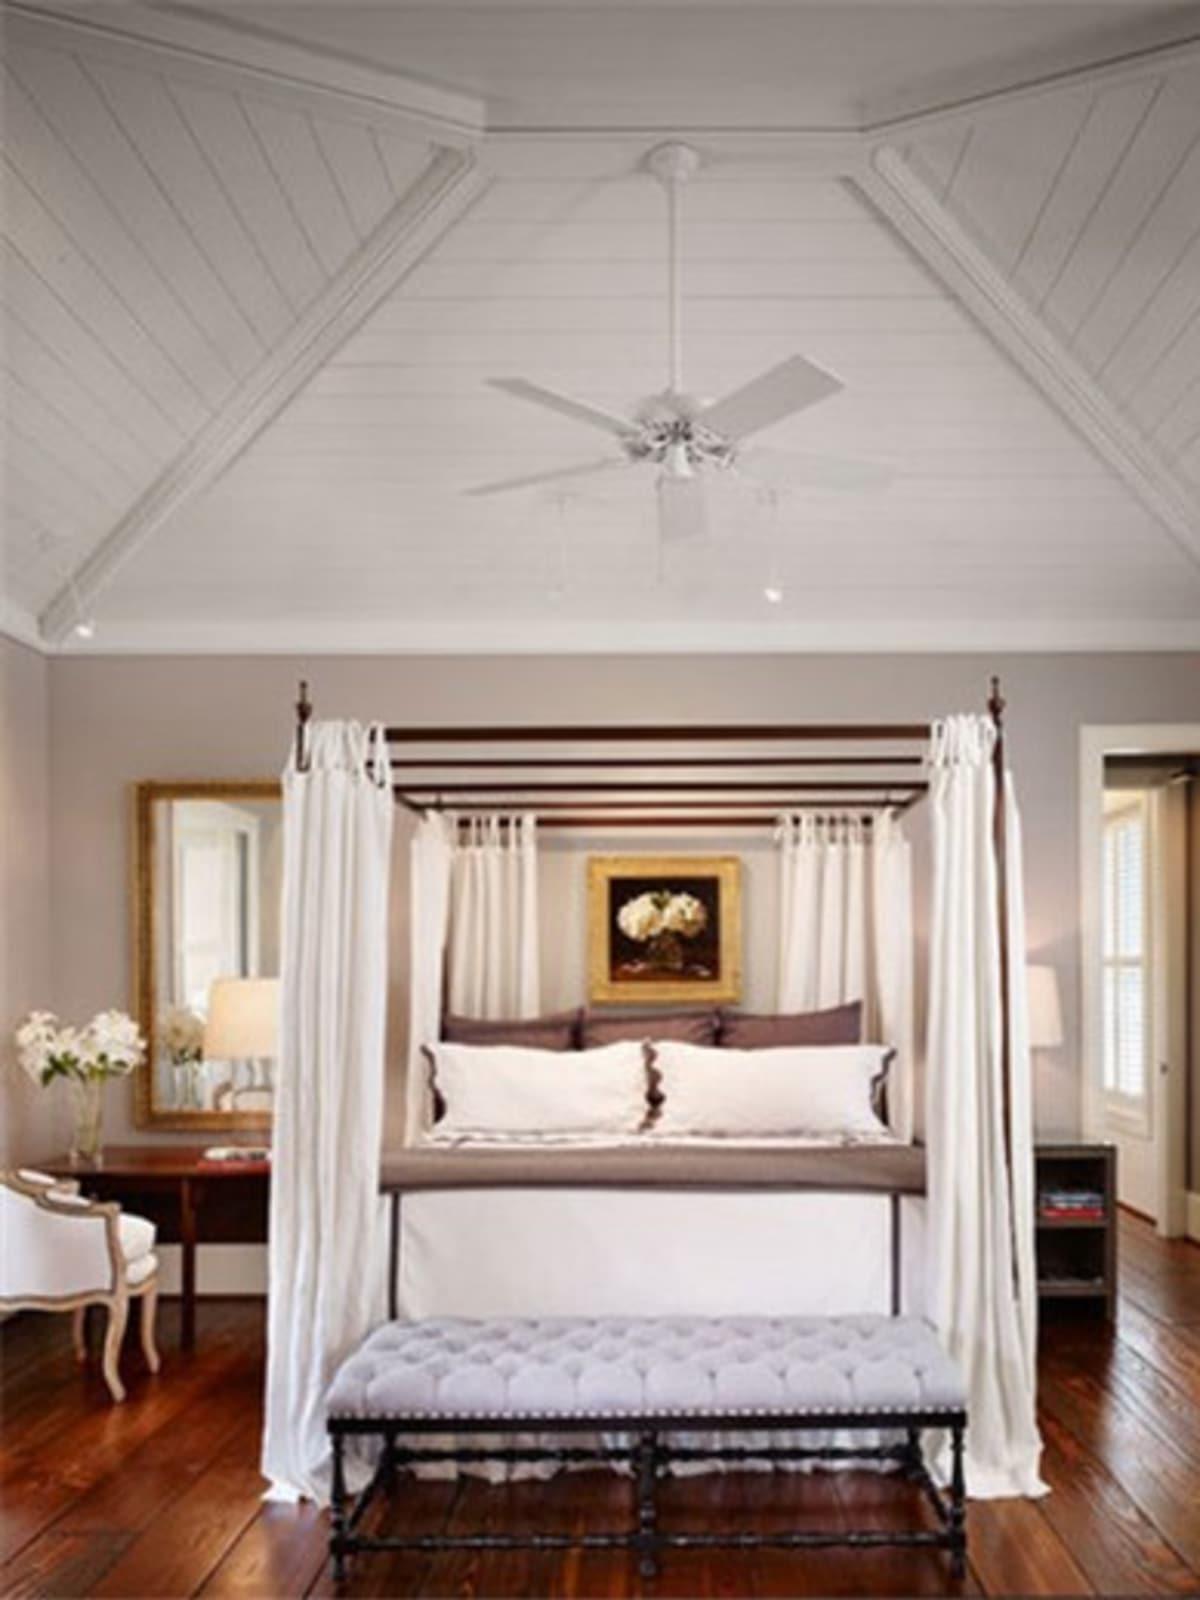 Porch.com Dillon Kyle Architecture bedroom 2